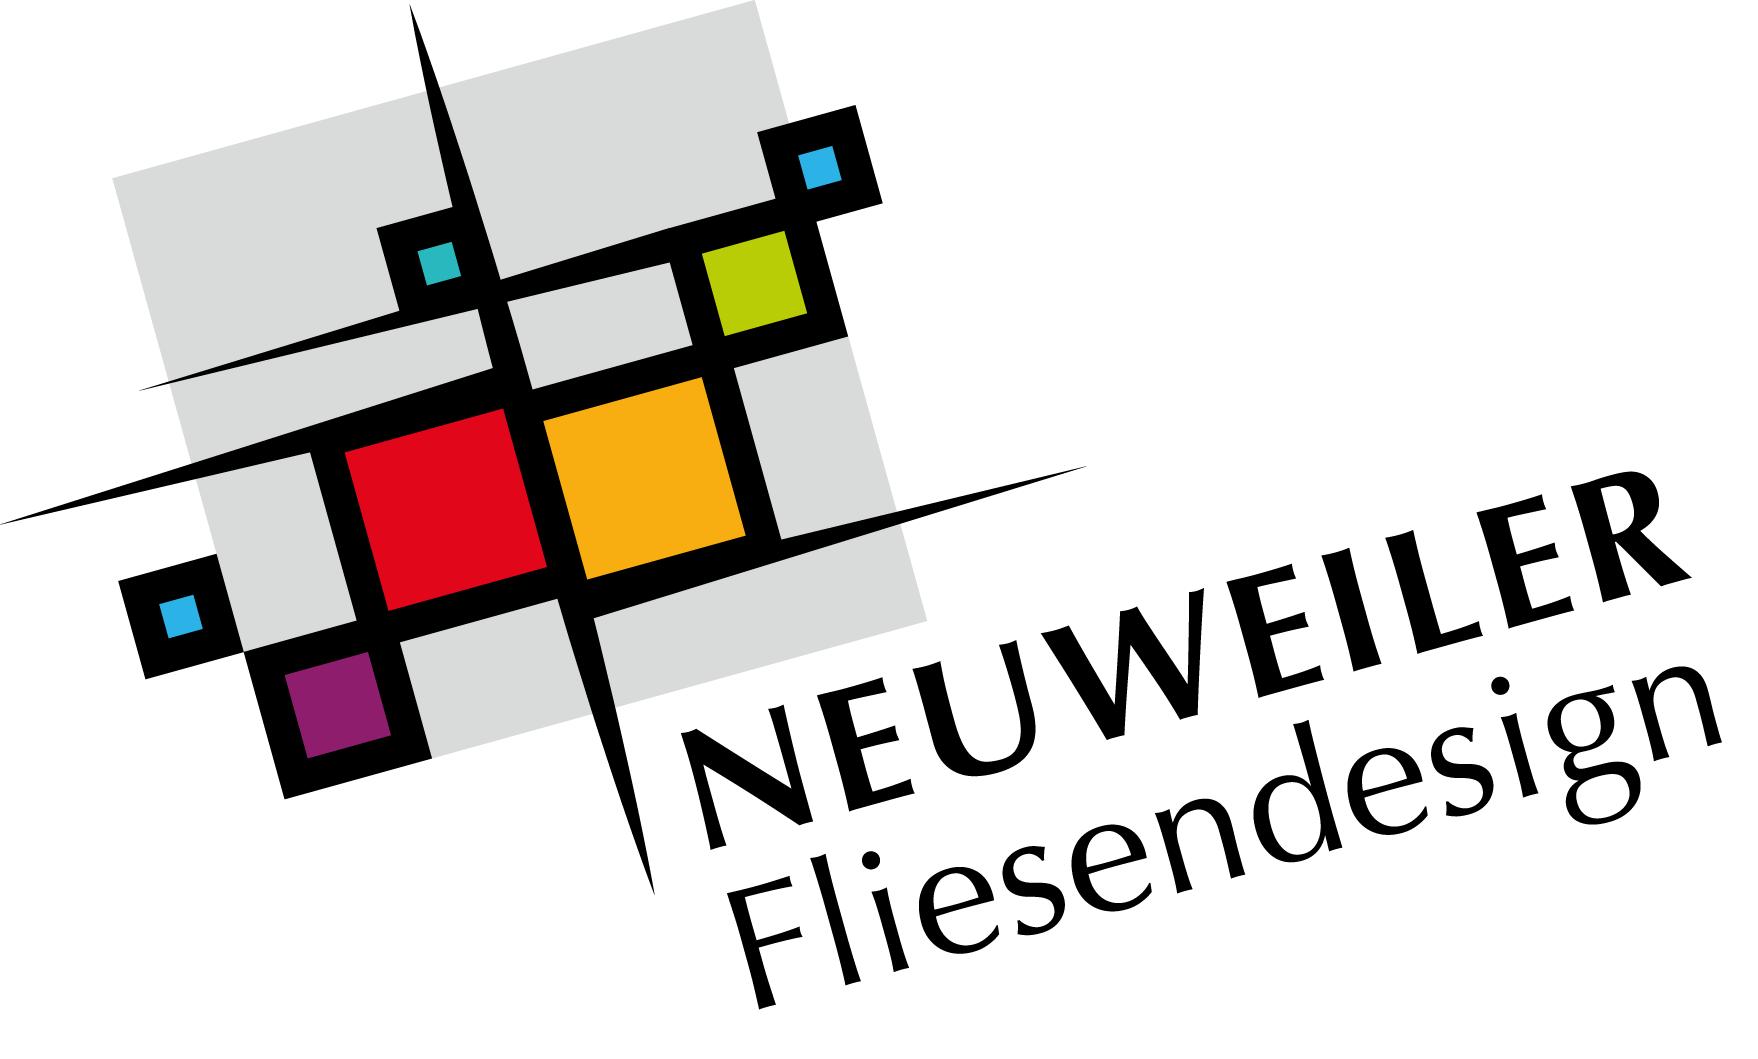 Logo Neuweiler Fliesendesign